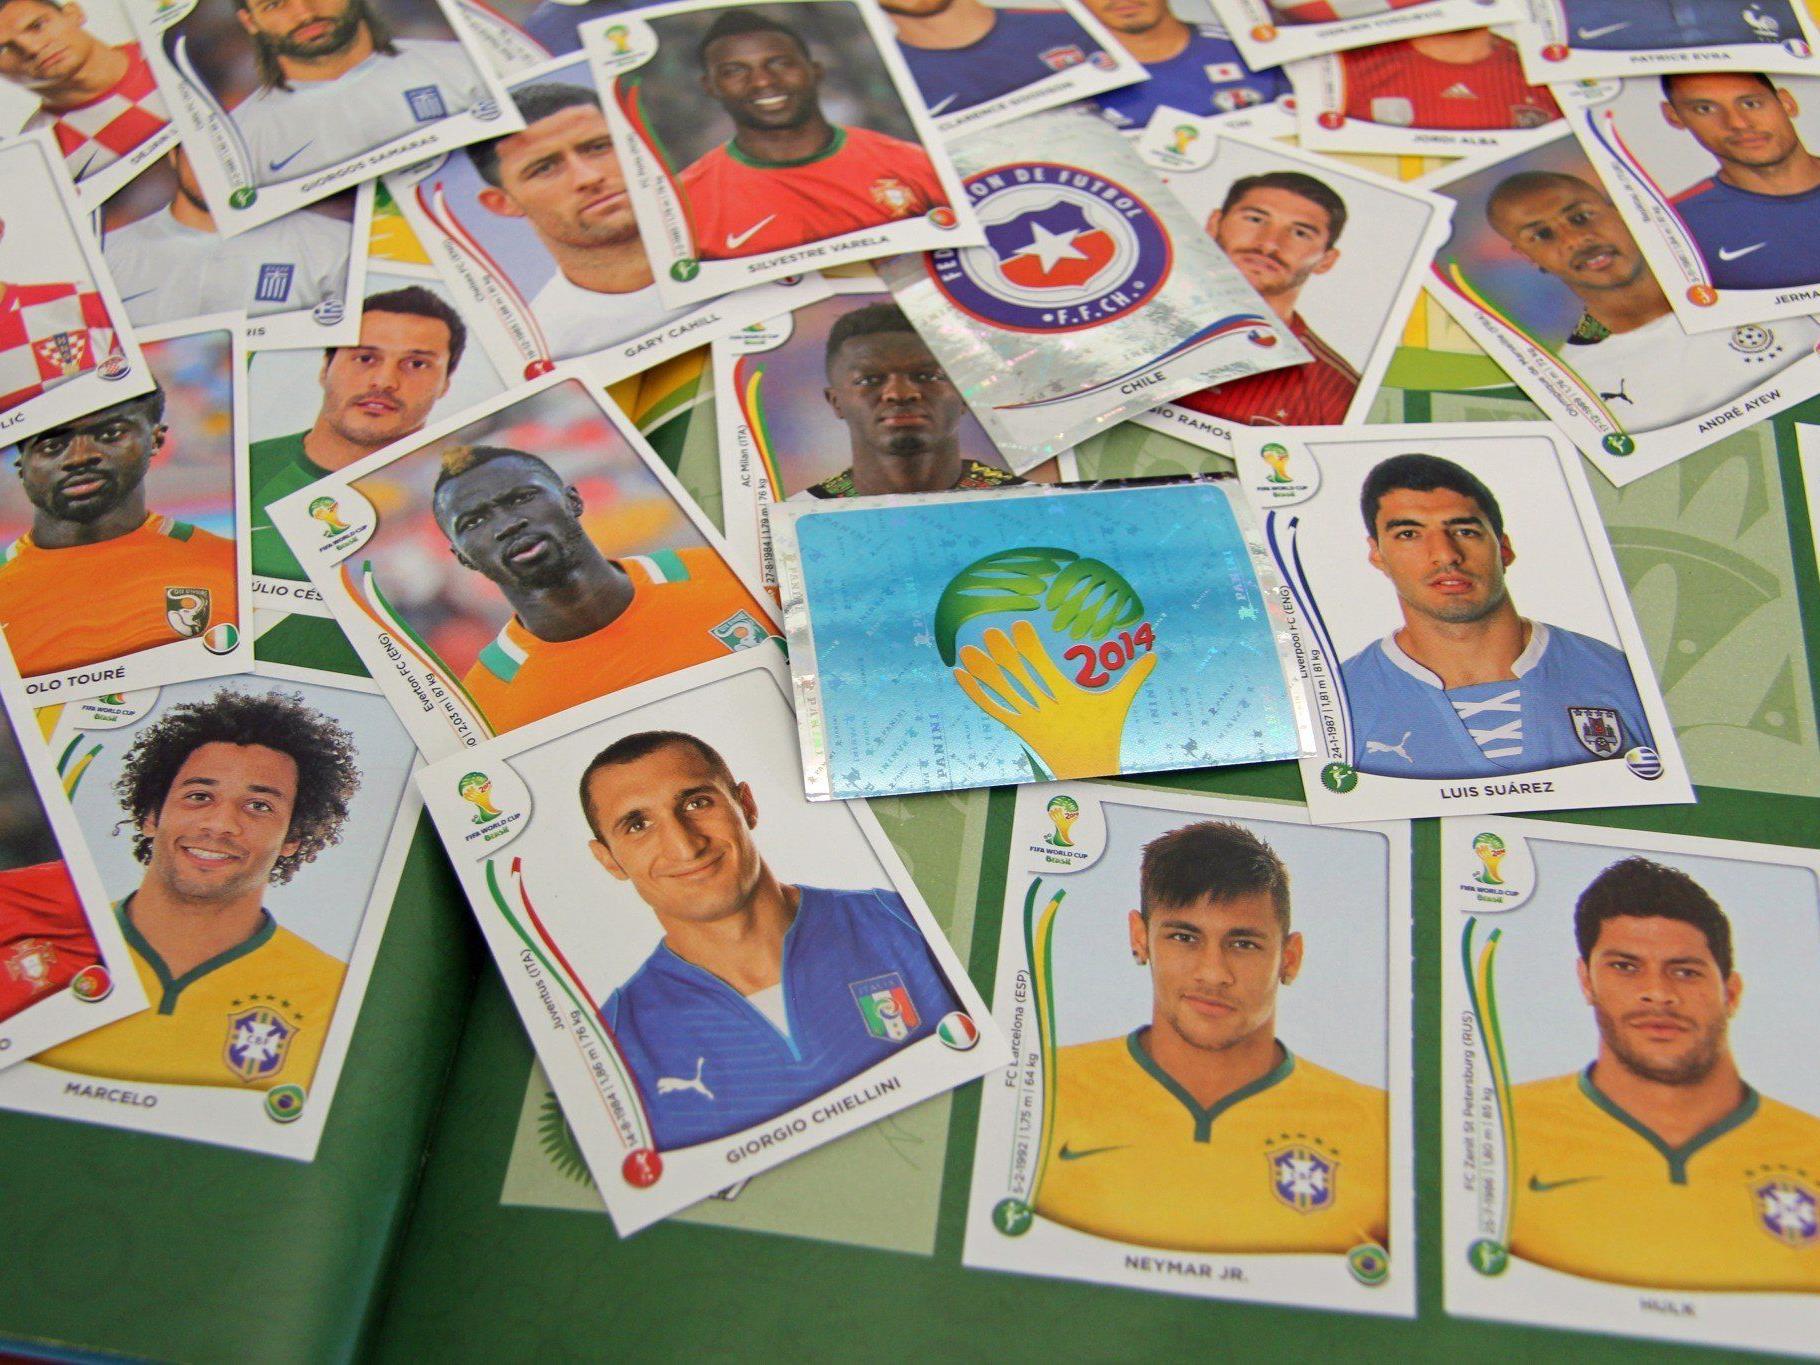 Millionen Sticker druckt Panini für die WM - und fürchtet kurzfristige Änderungen.